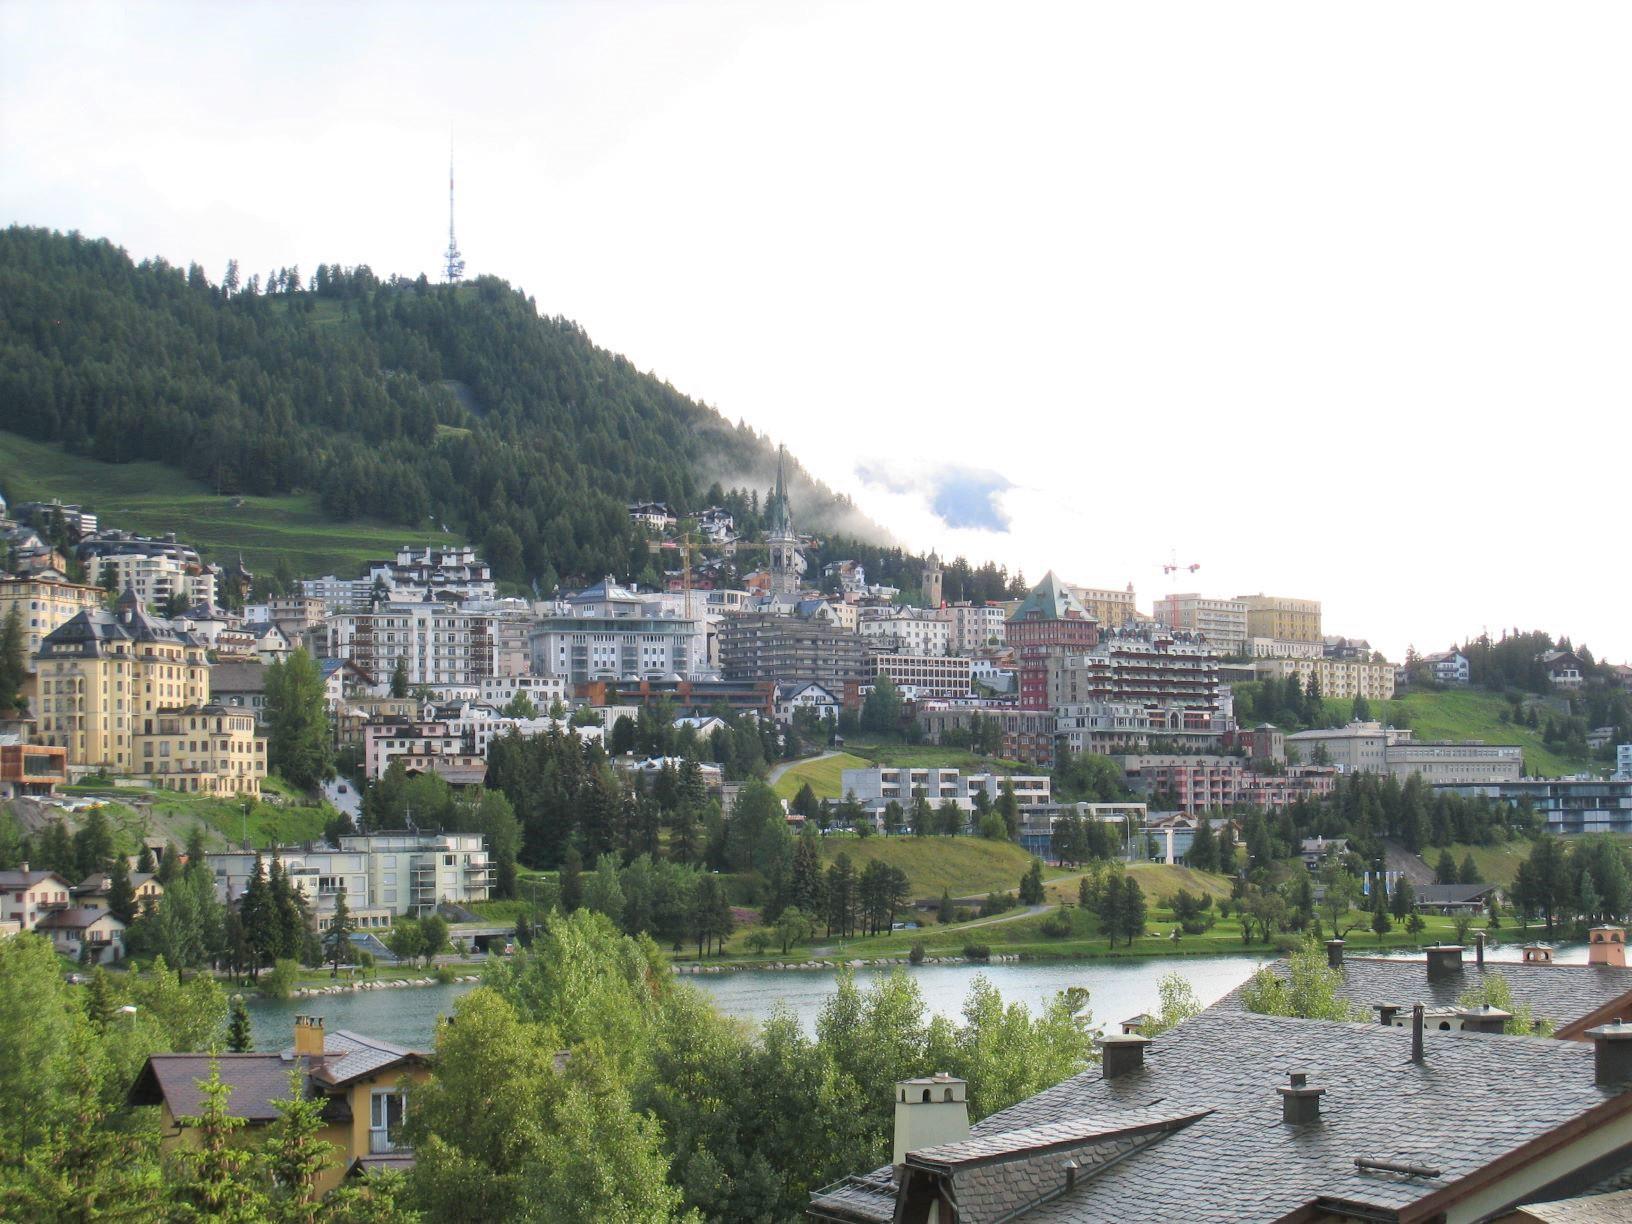 高級山岳リゾートとして有名なサンモリッツ